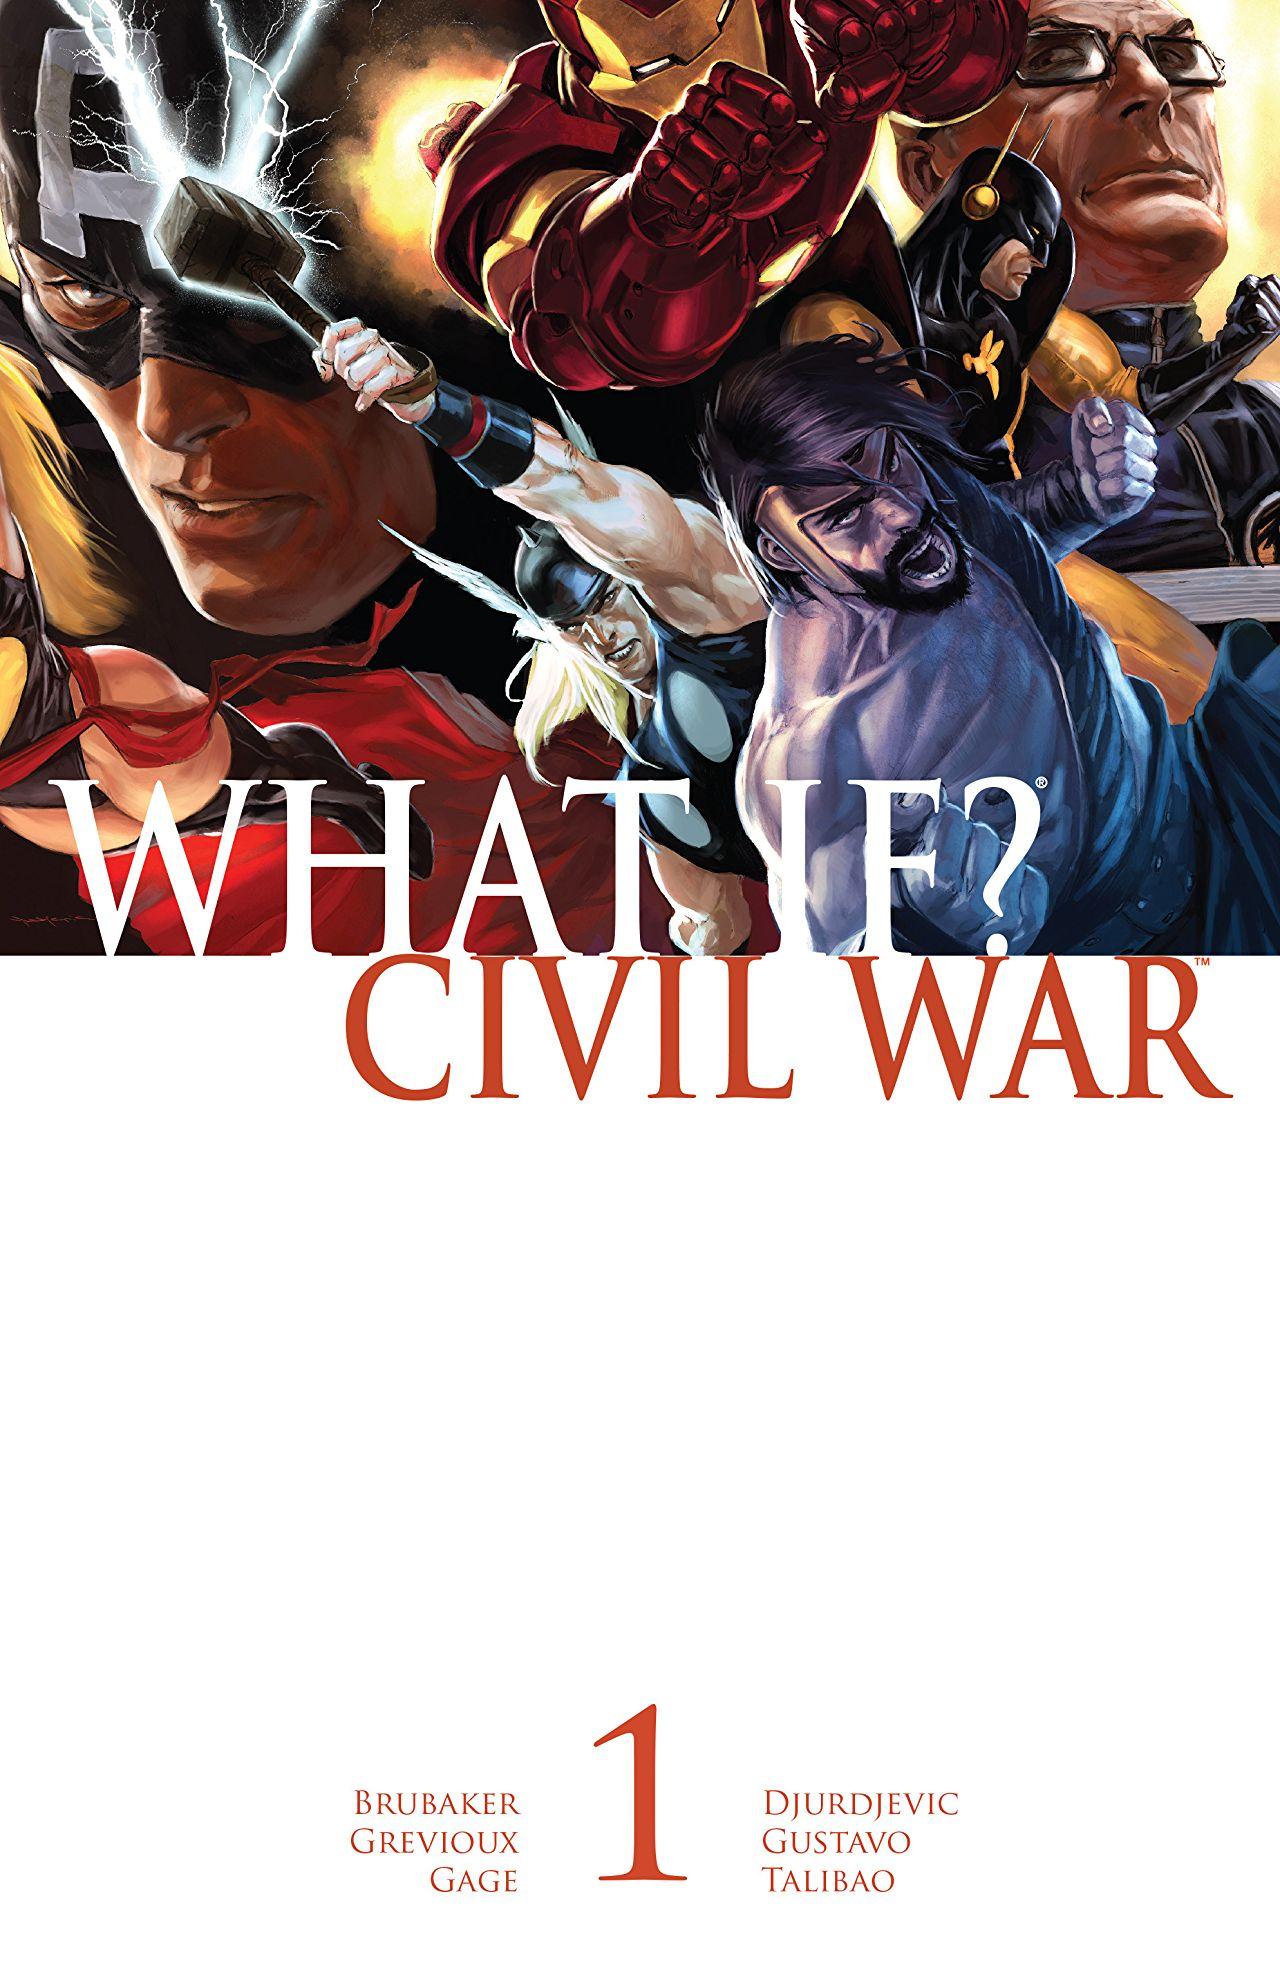 Comixology (digital comics) - 4 x Marvel 'What If?' comics Free